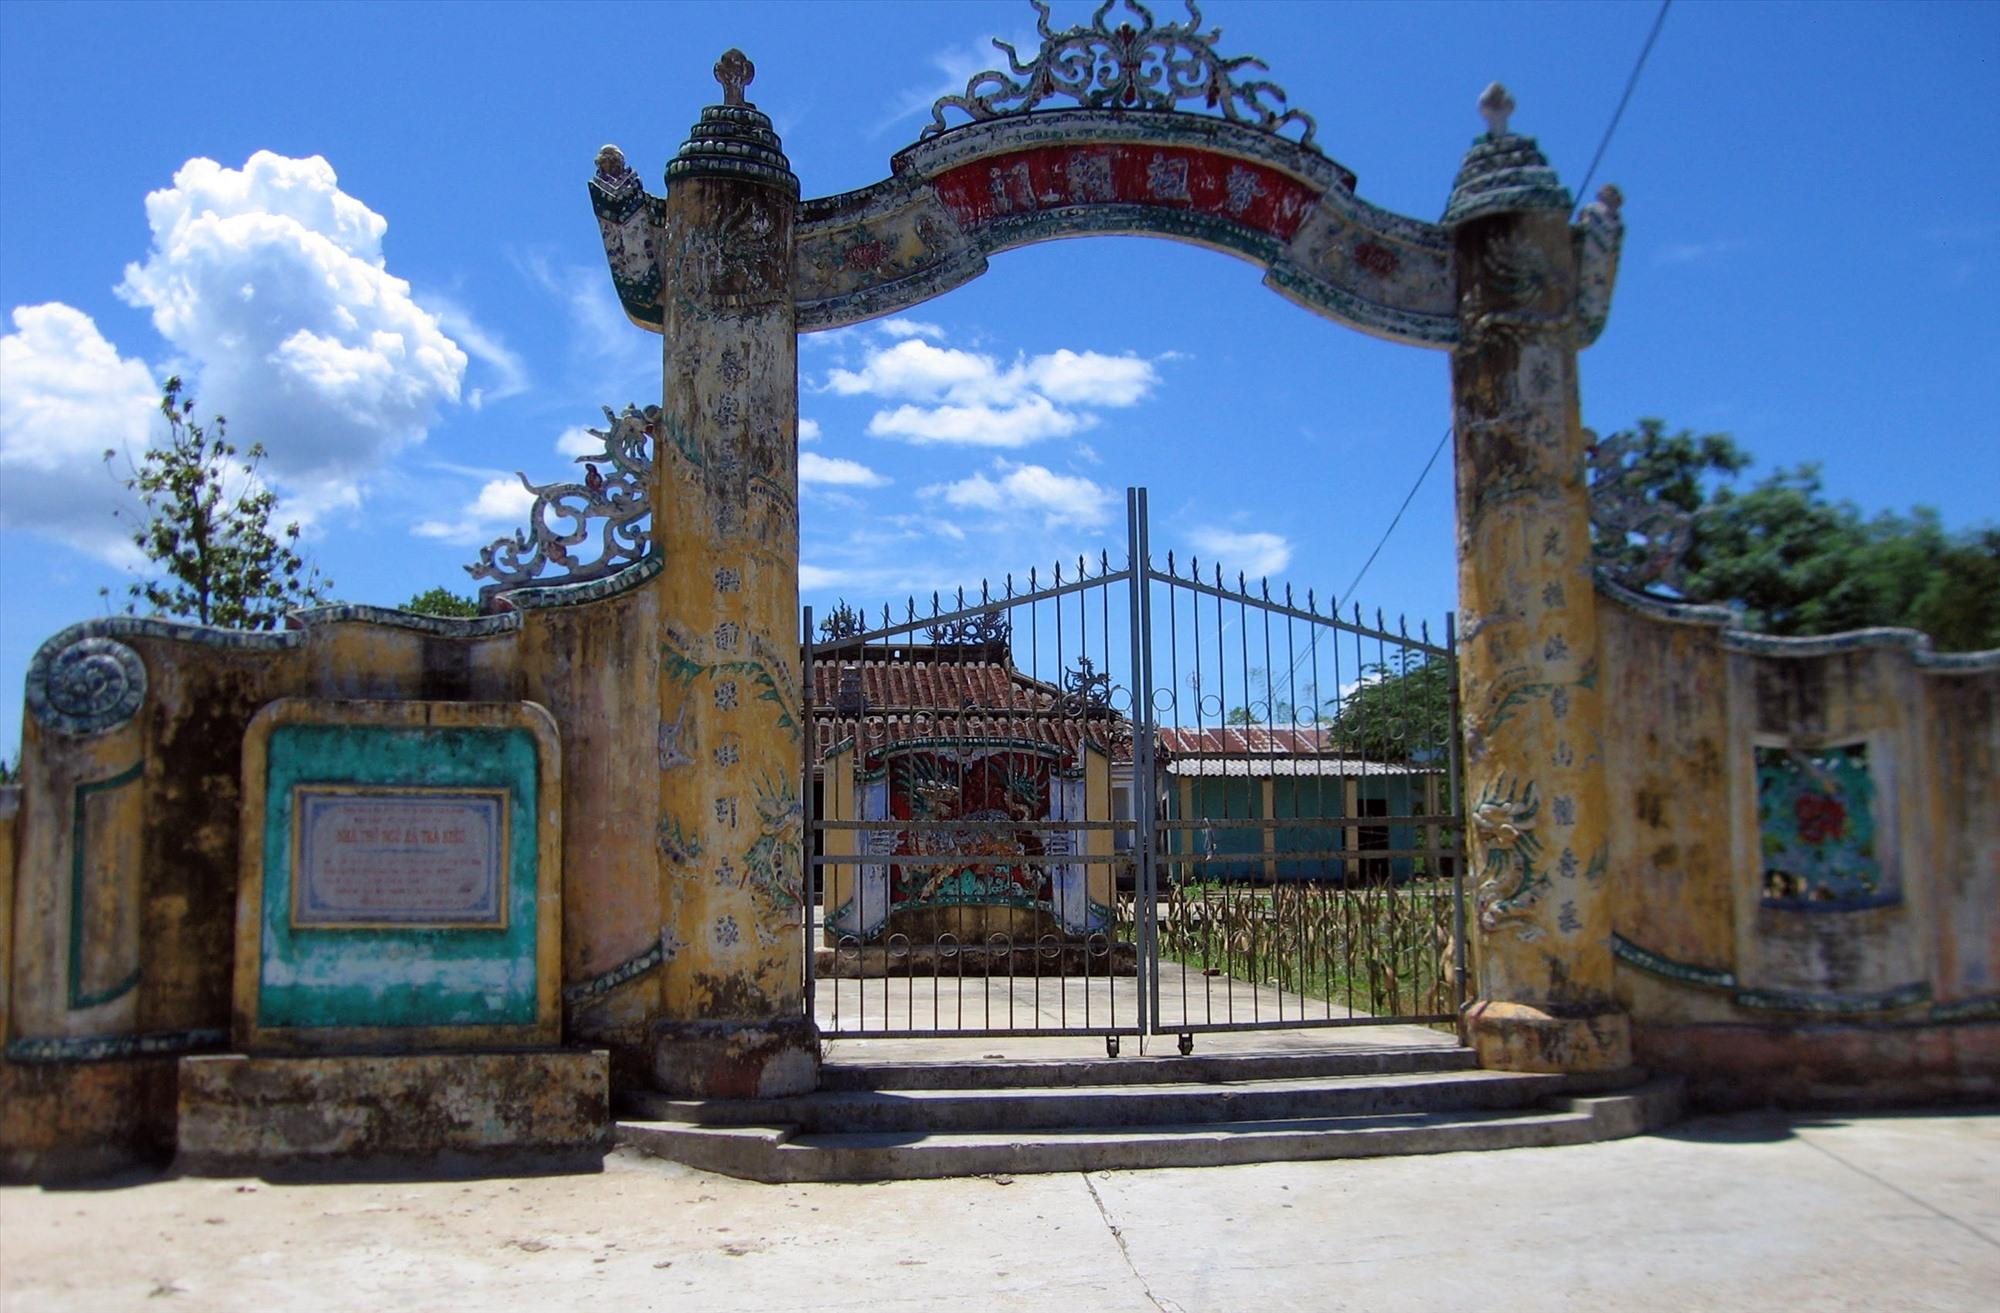 Nhà thờ Ngũ xã Trà Kiệu đang được huyện Duy Xuyên đề xuất tu bổ trong thời gian tới